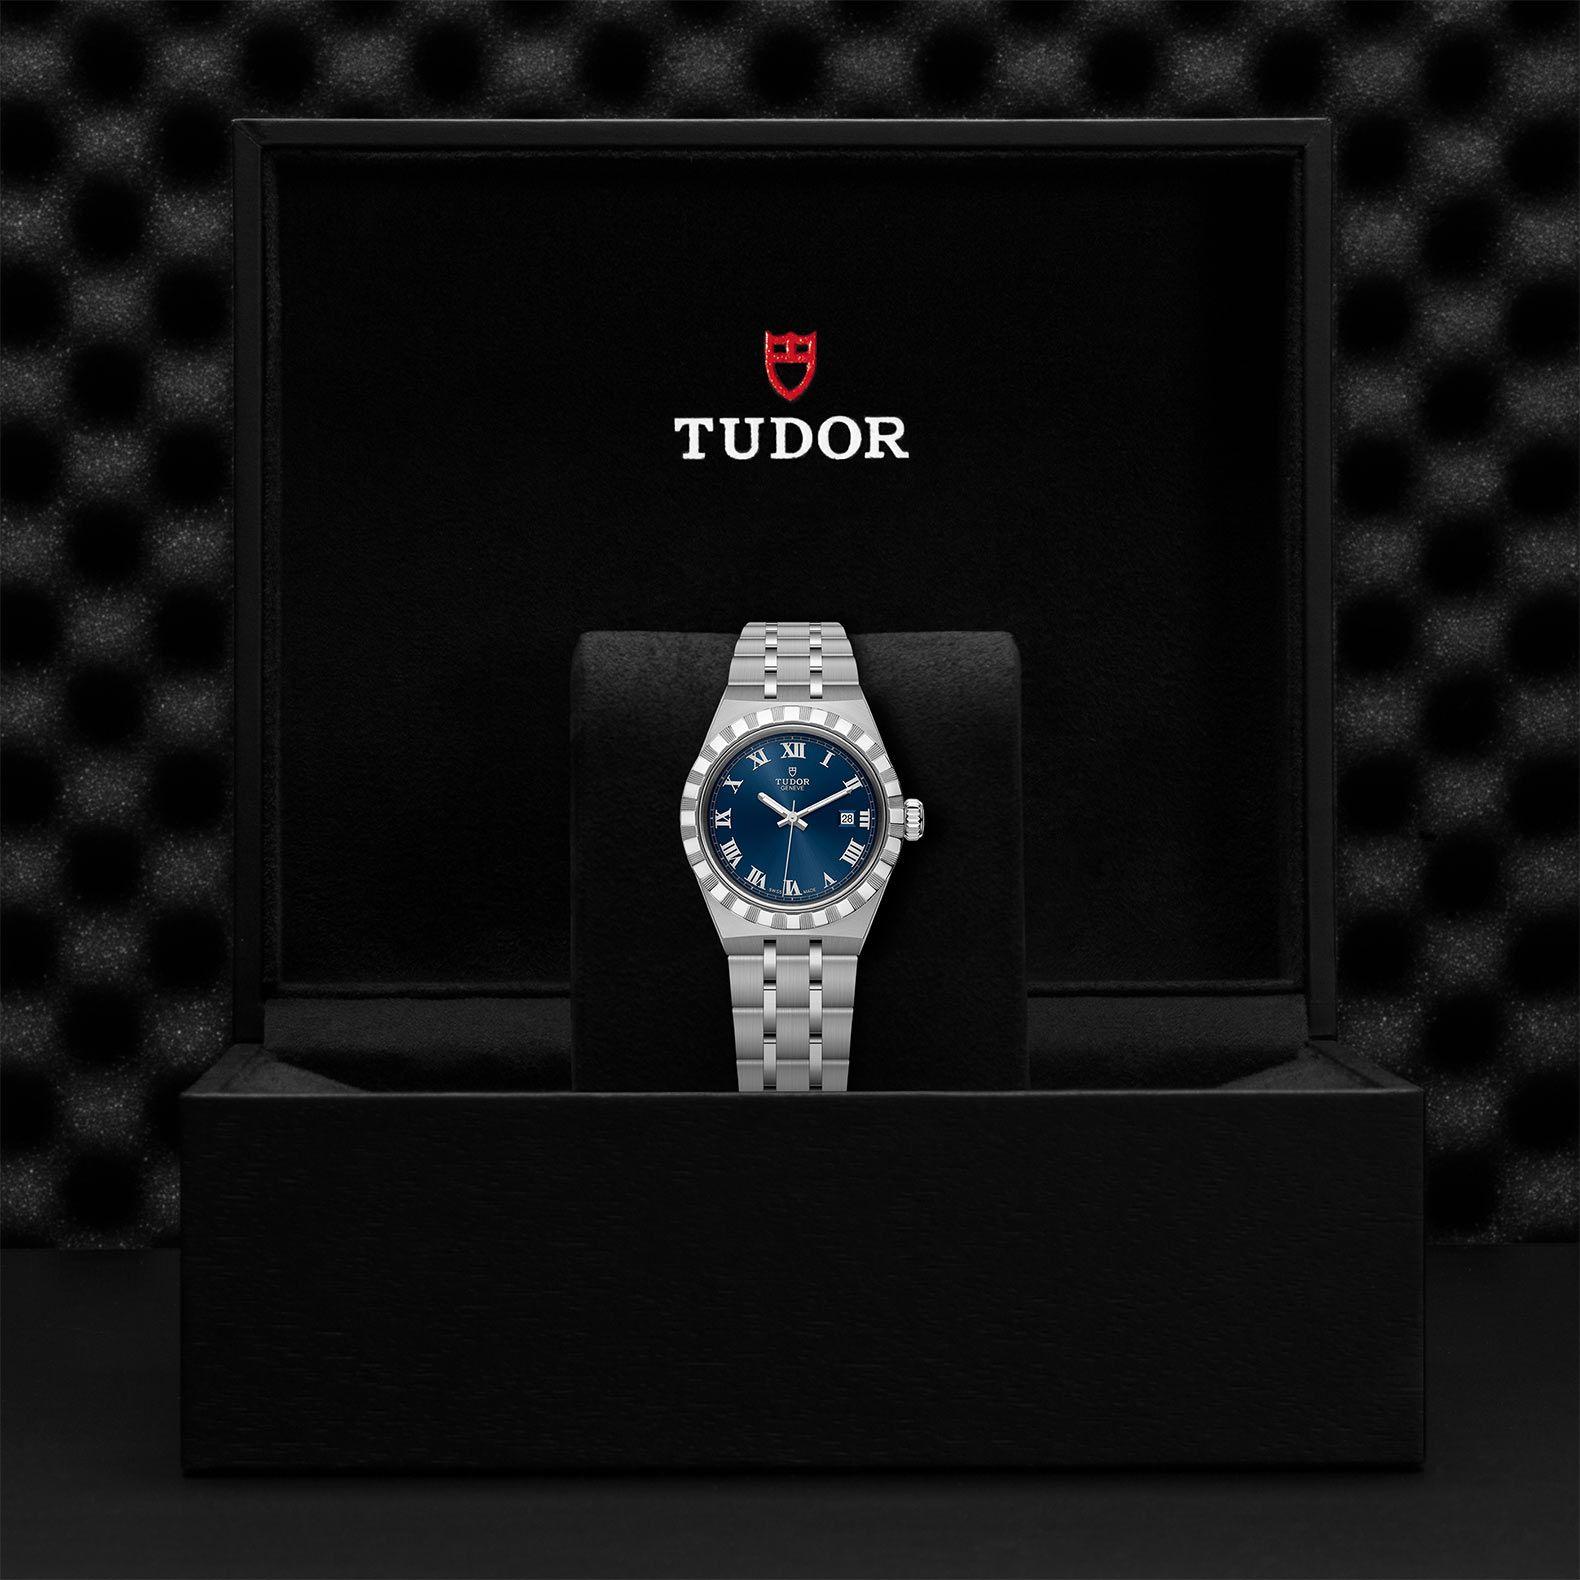 TUDOR ROYAL 28300 - 0006